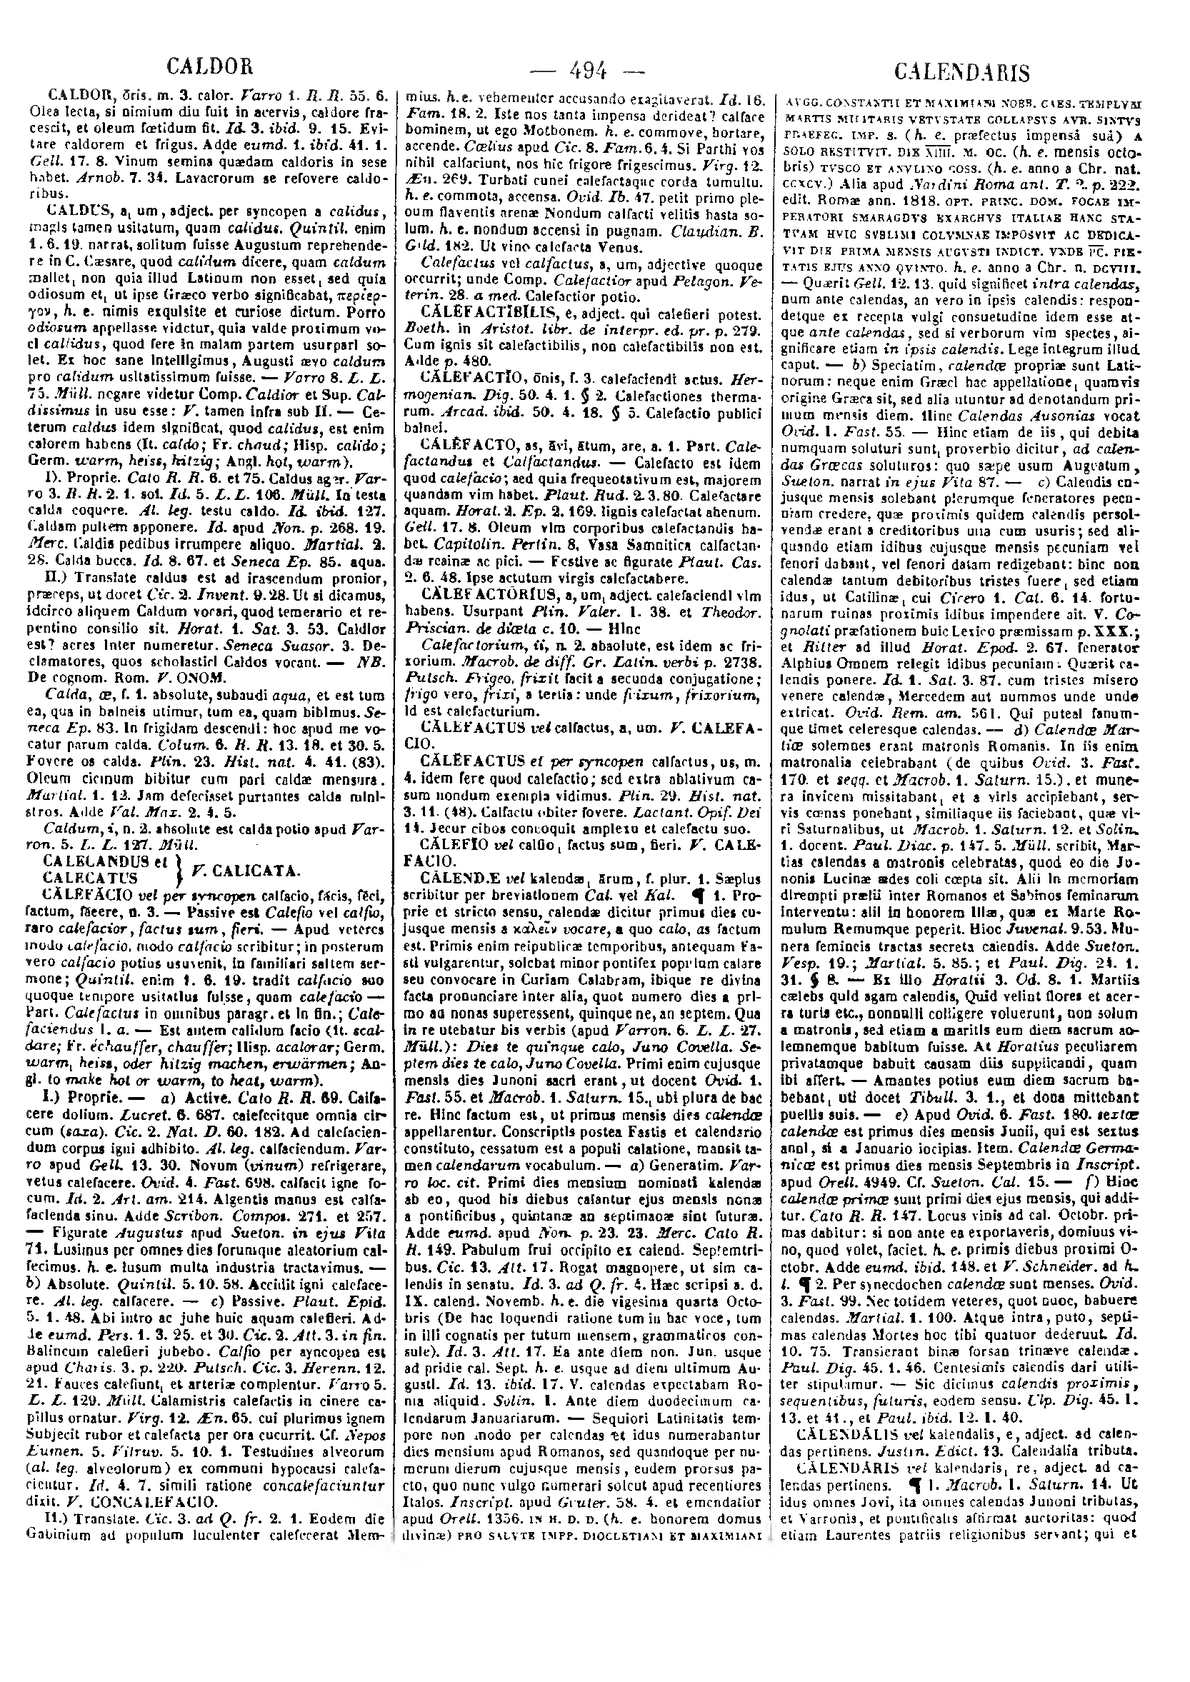 Calaméo Lexicon totius latinitatis Caldor Cytonium Forcellini Aegidio Corradini Franciscus Perin Josephus 1940